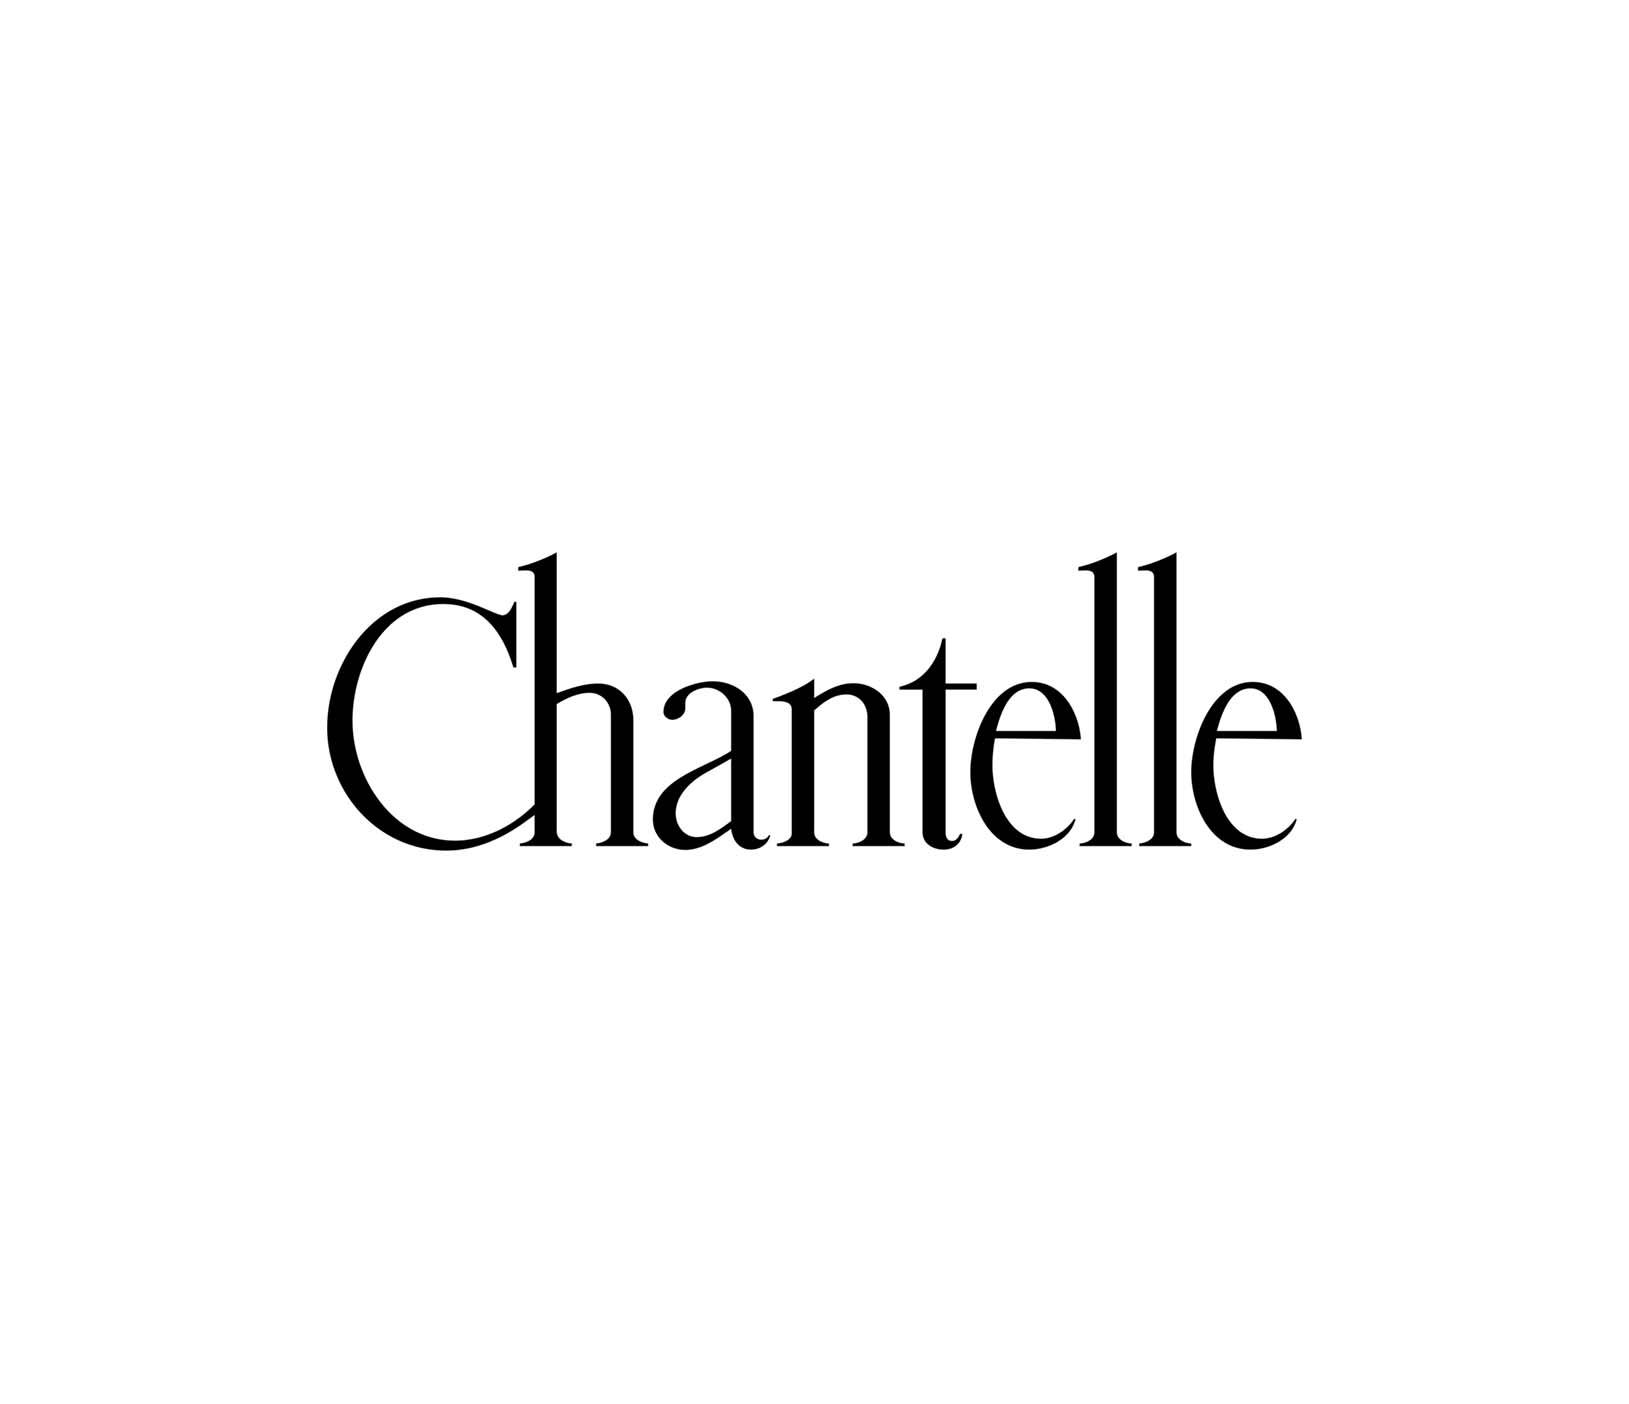 chantell